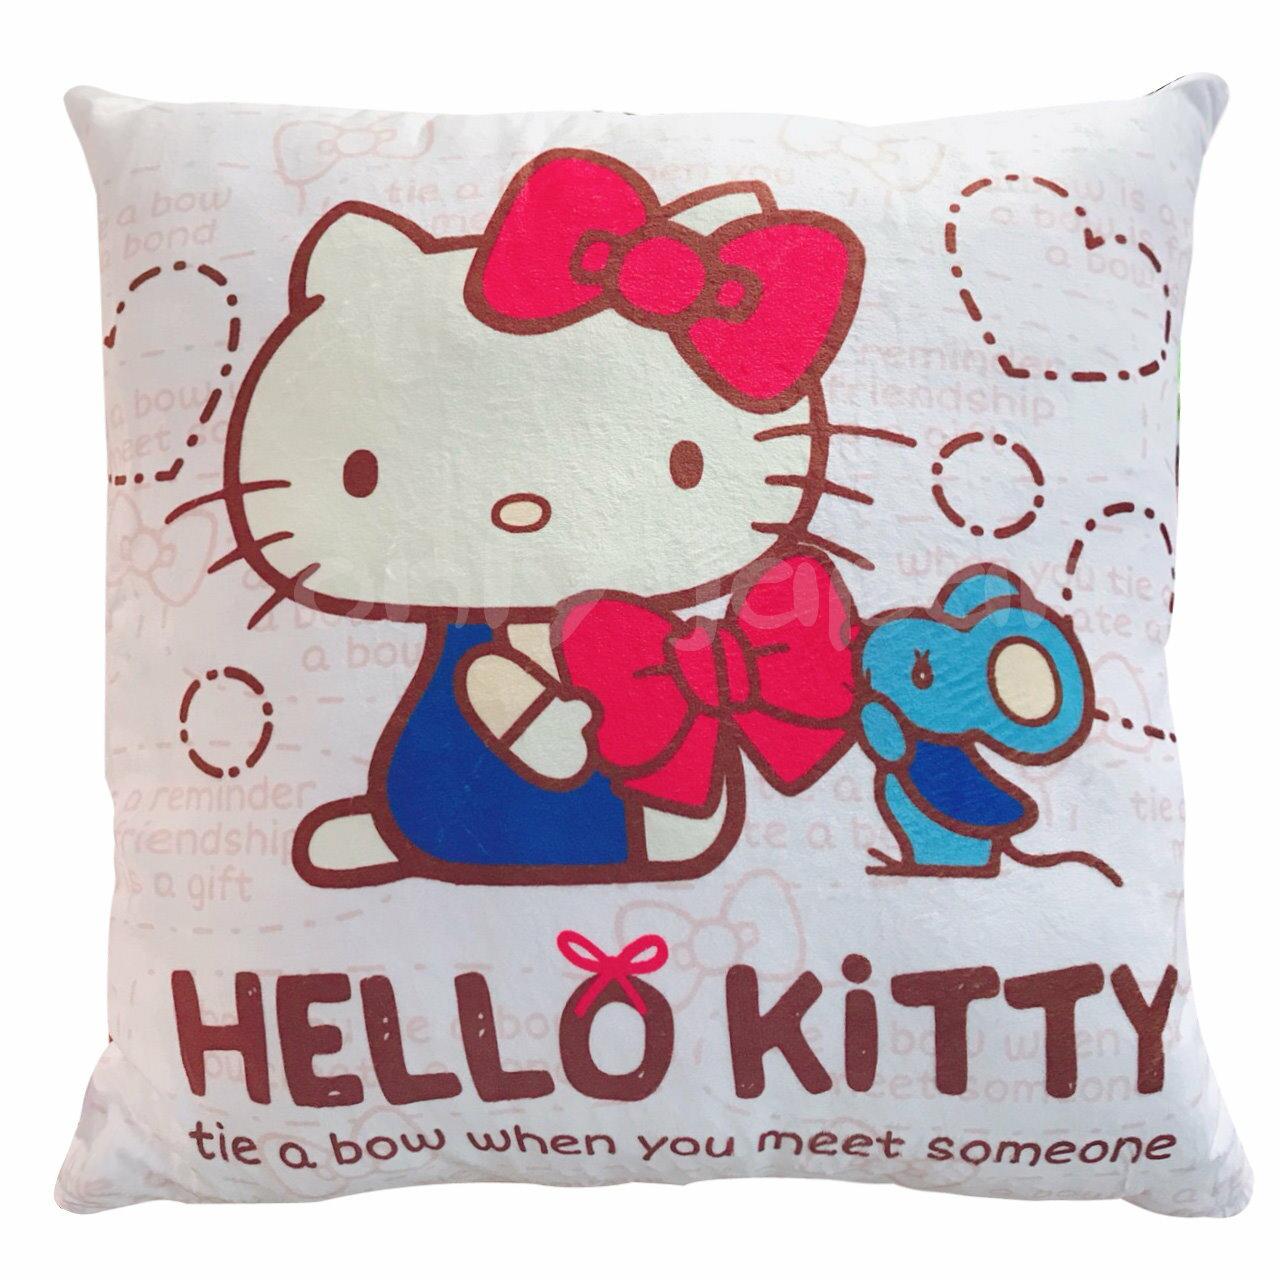 【真愛日本】18050300004 棉柔方抱枕-KT紅結老鼠 三麗鷗 kitty 凱蒂貓 抱枕 枕頭 靠枕 靠墊